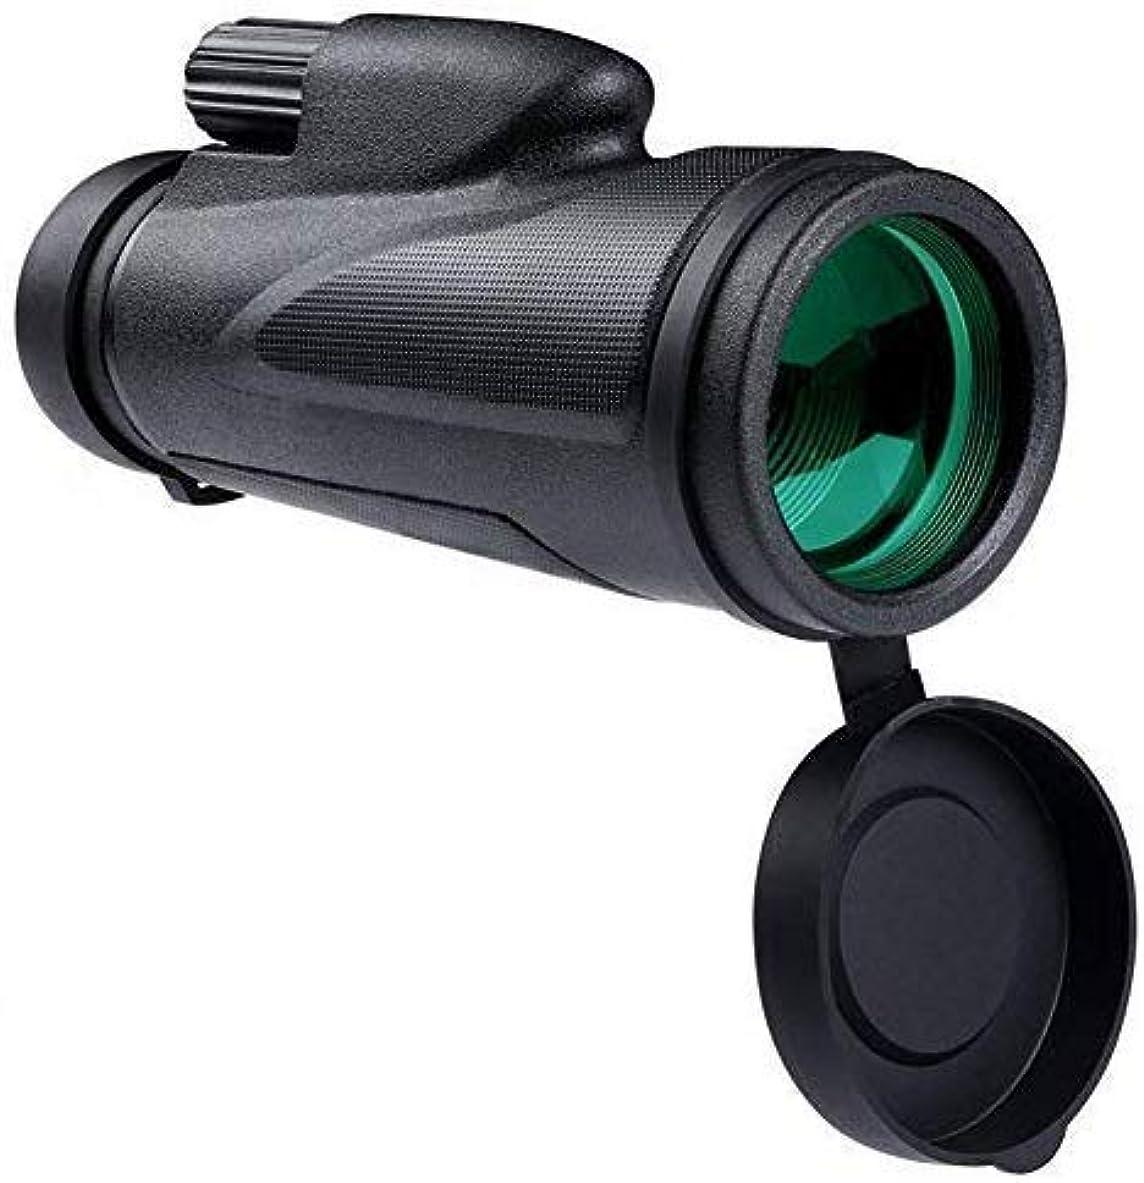 望む過言わかりやすい10X単眼鏡望遠鏡スマートフォンアダプターと三脚防水防曇野生動物ウォッチング鳥コンサート